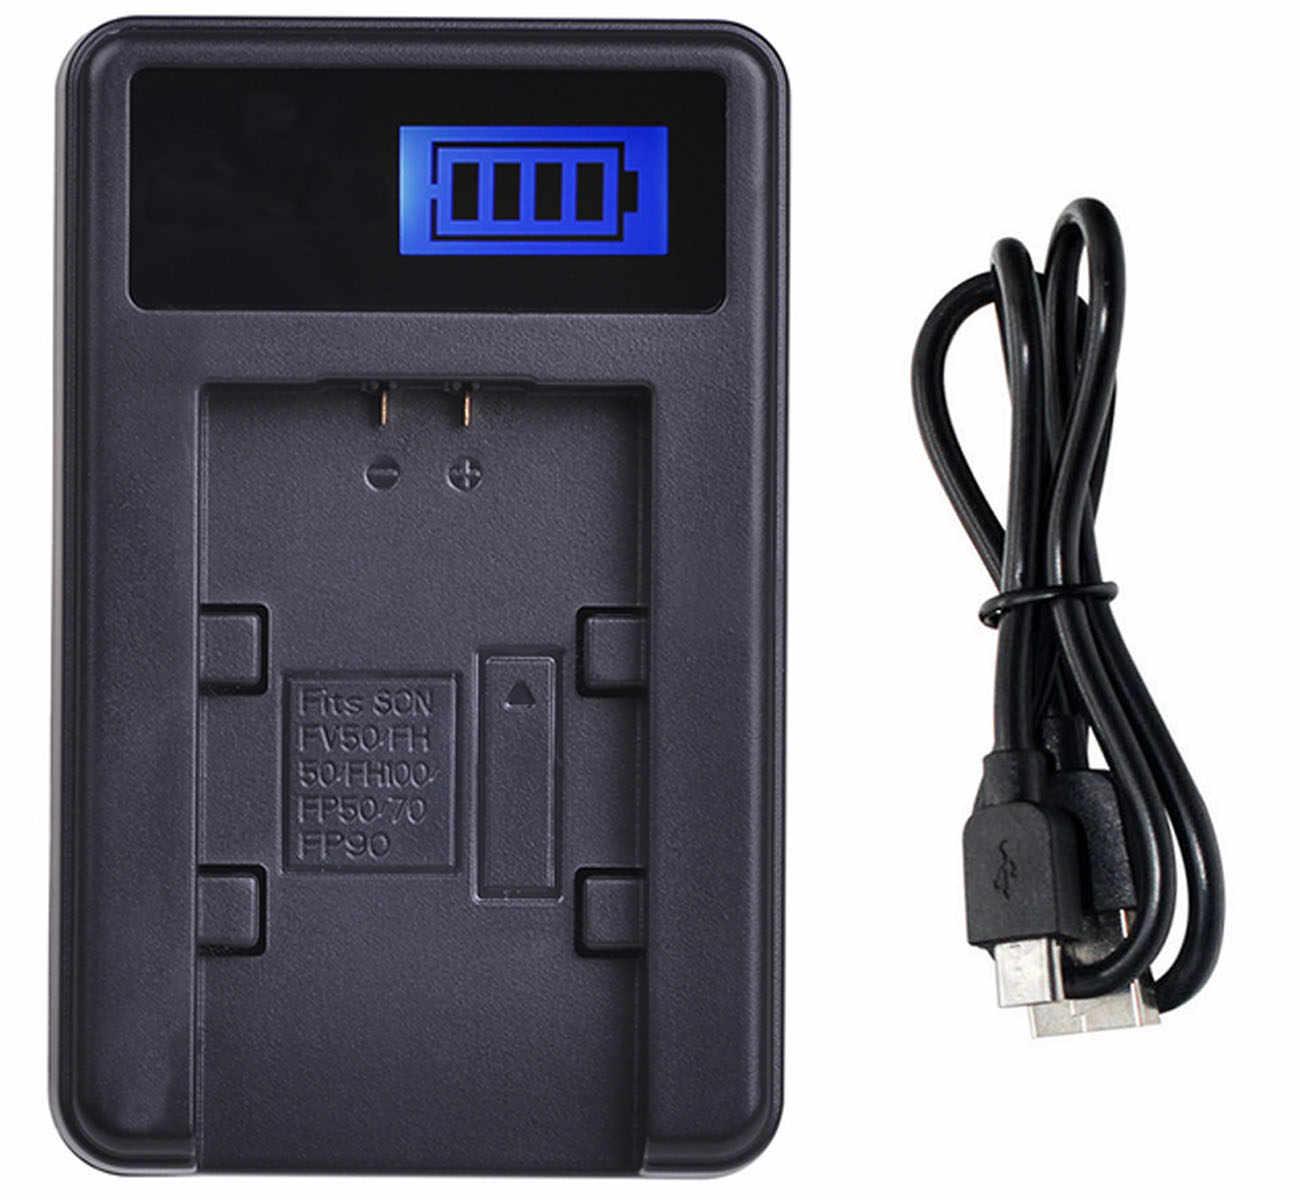 DCR-HC47E Battery Charger for Sony DCR-HC37E DCR-HC45E DCR-HC38E DCR-HC48E Handycam Camcorder